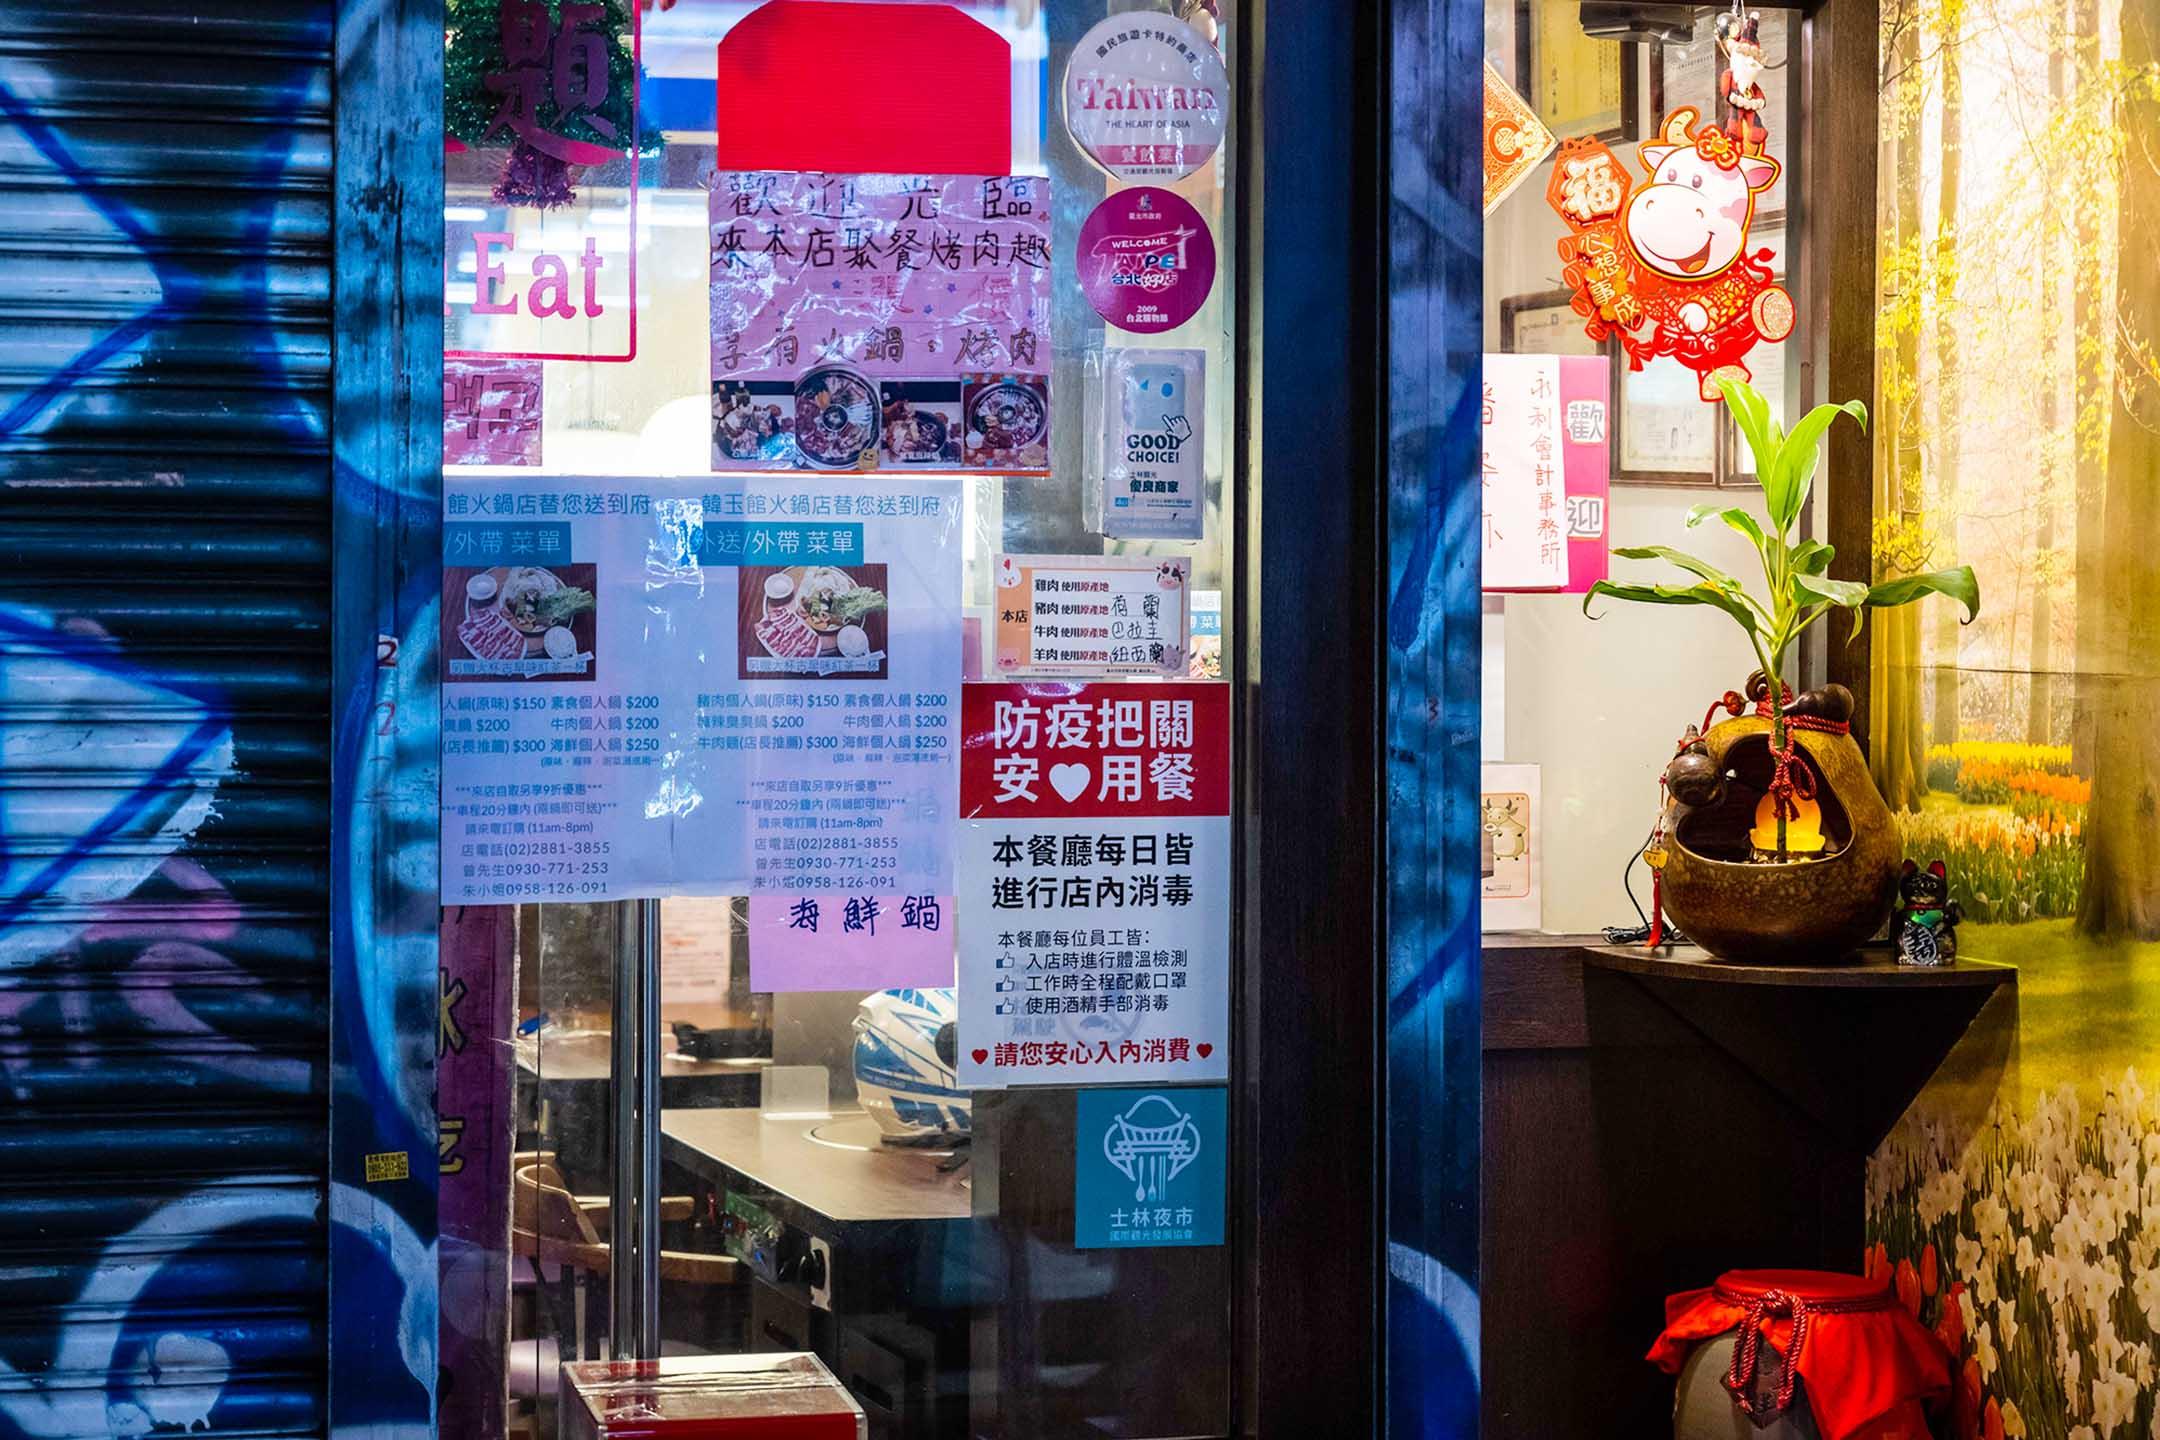 2021年6月3日台灣台北,一家餐廳門口張貼外賣菜單。